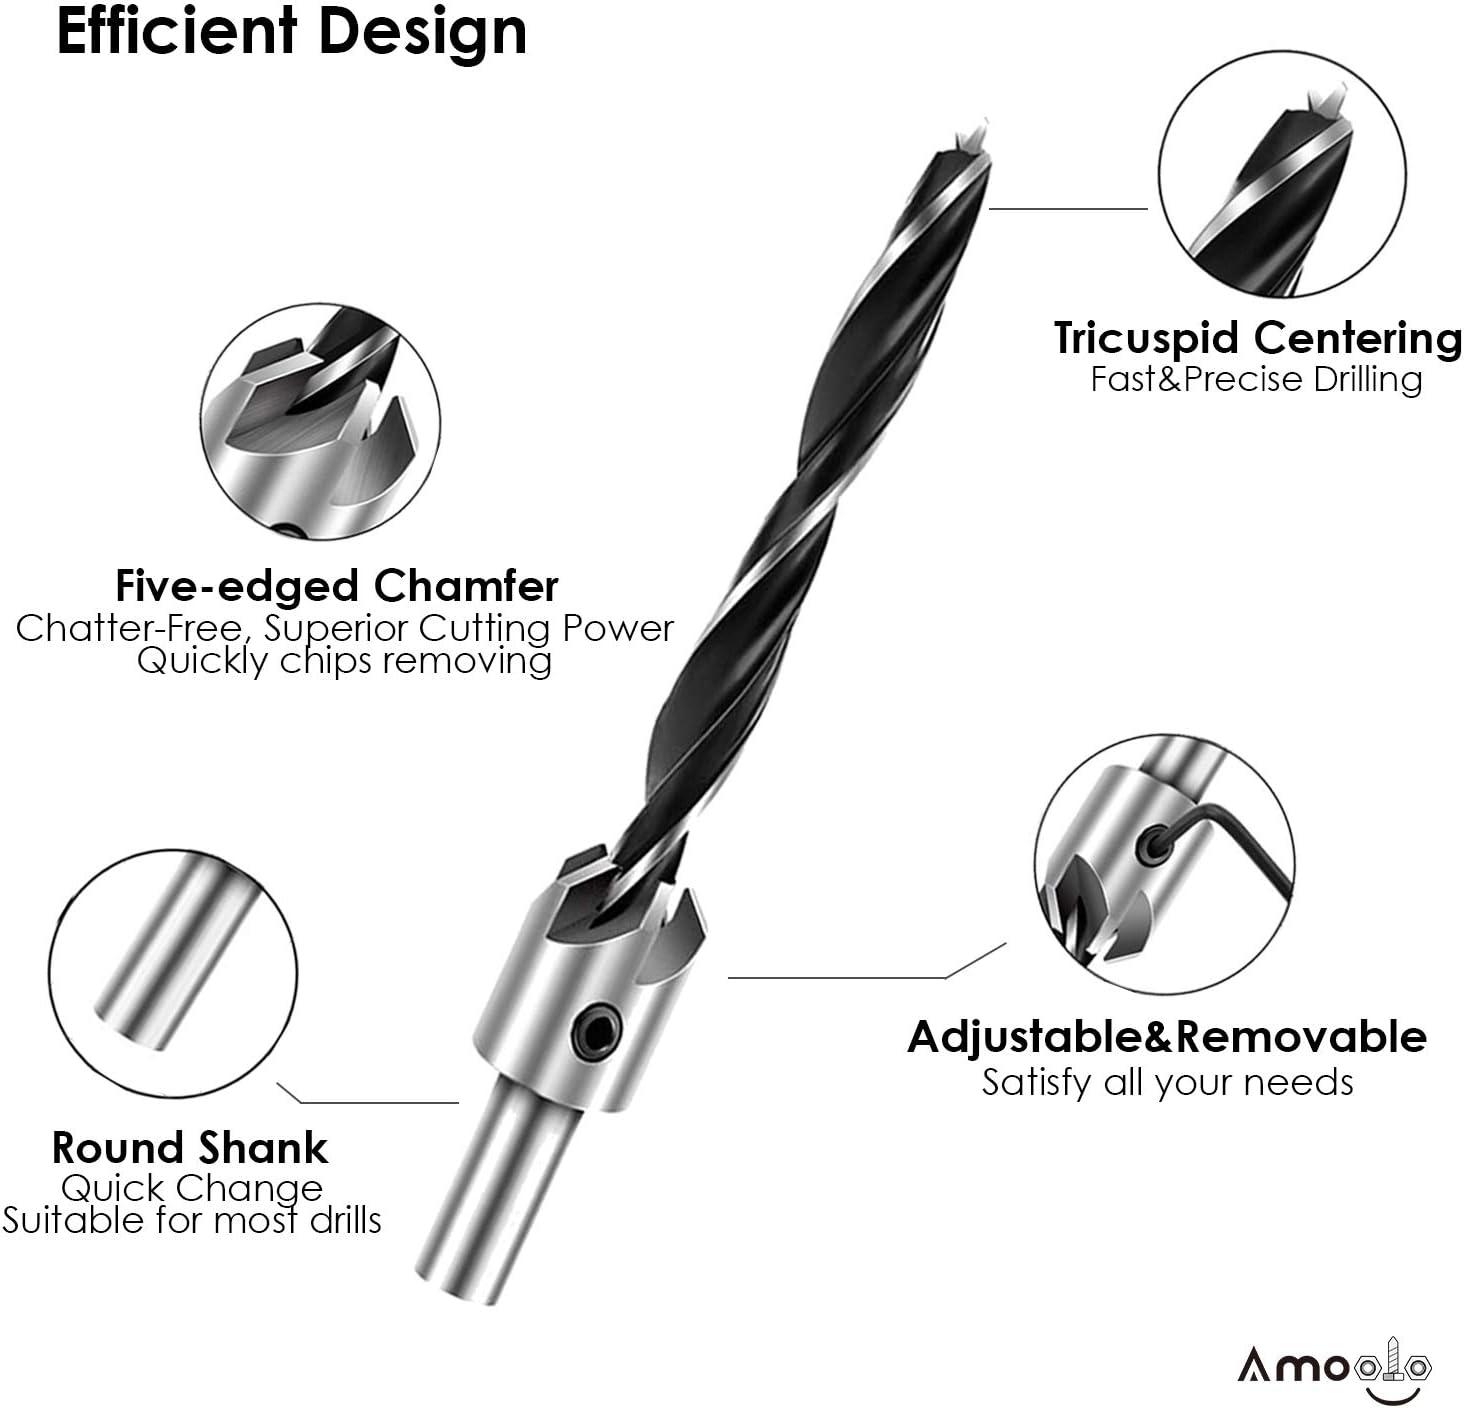 /φ 7//64-13//32 High Carbon Steel Drill Bits with /φ 1//2-5//8 chamfering Combination amoolo 7-Pack Countersink Drill Bit Set with 1 Free Hex Key Wrench Woodworking Carpentry Reamer